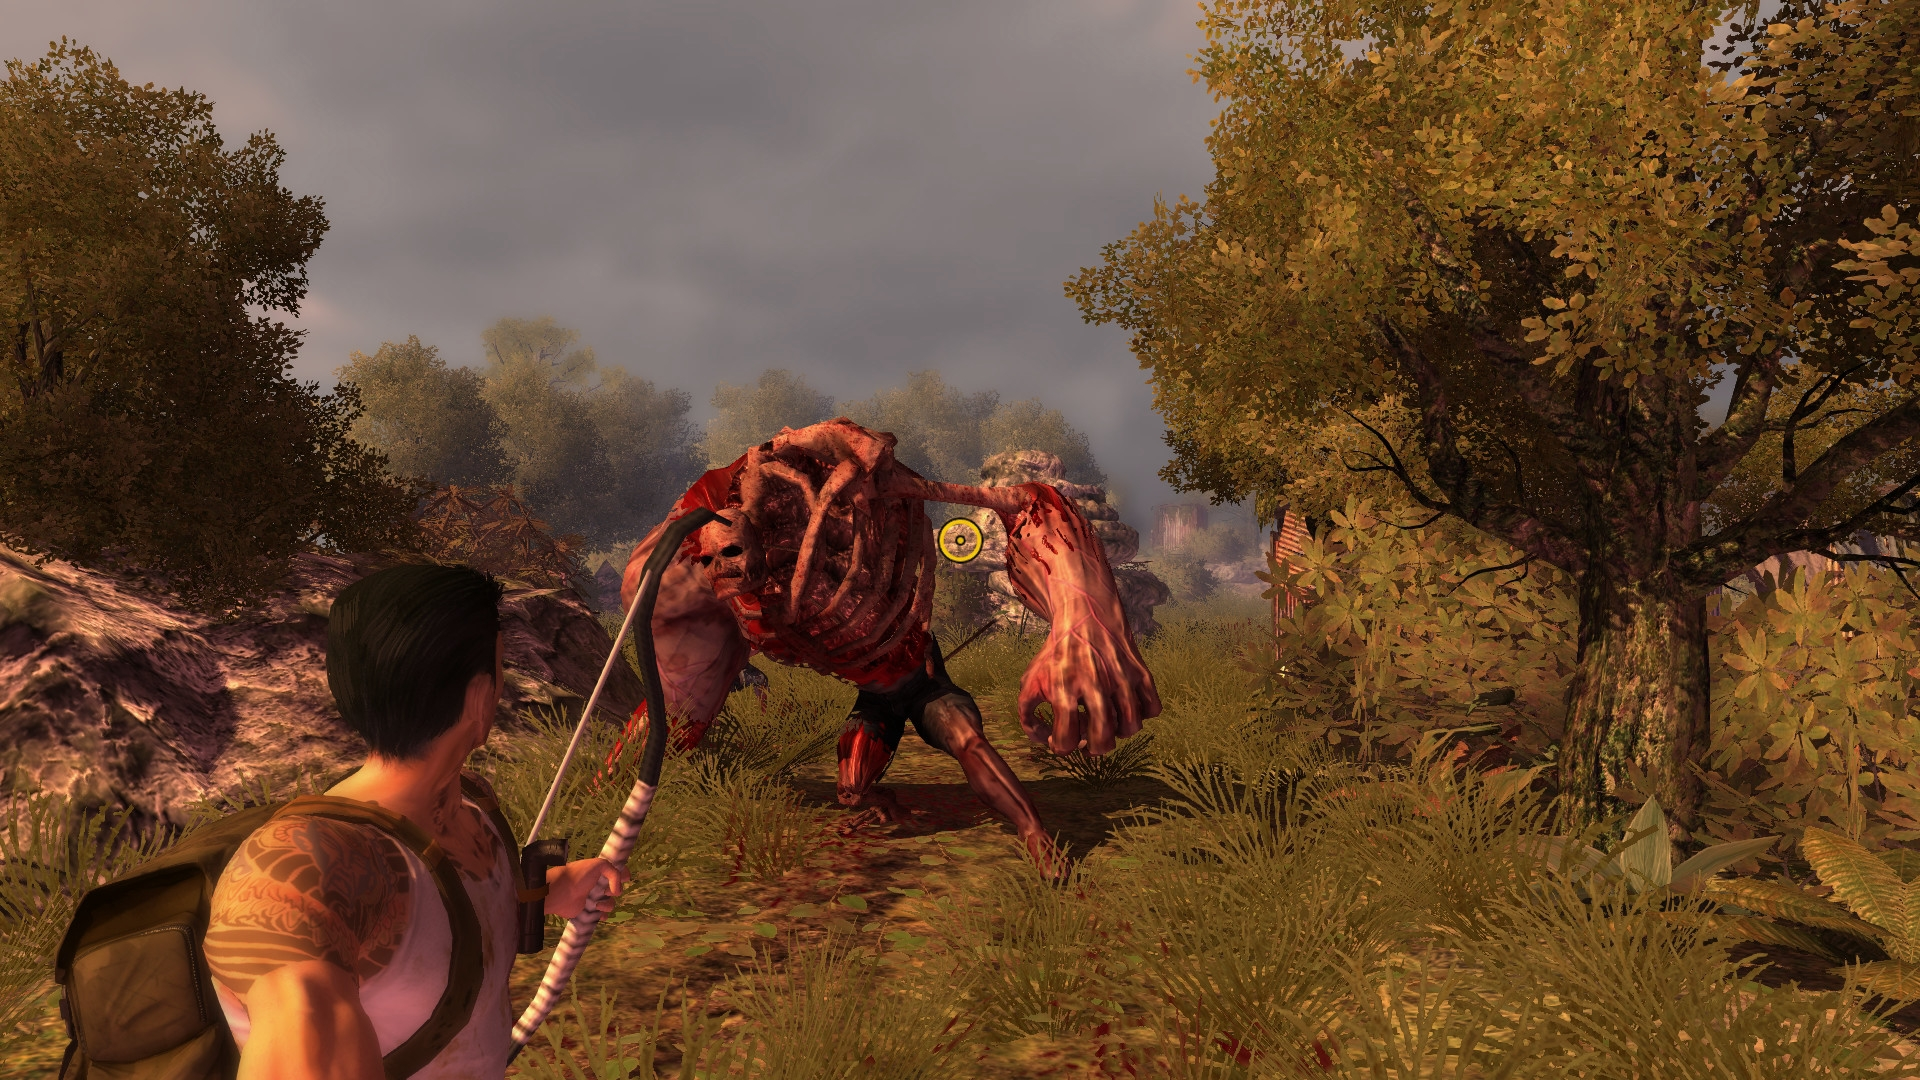 гулия странно картинки игр про выживание с открытым миром вот вторым